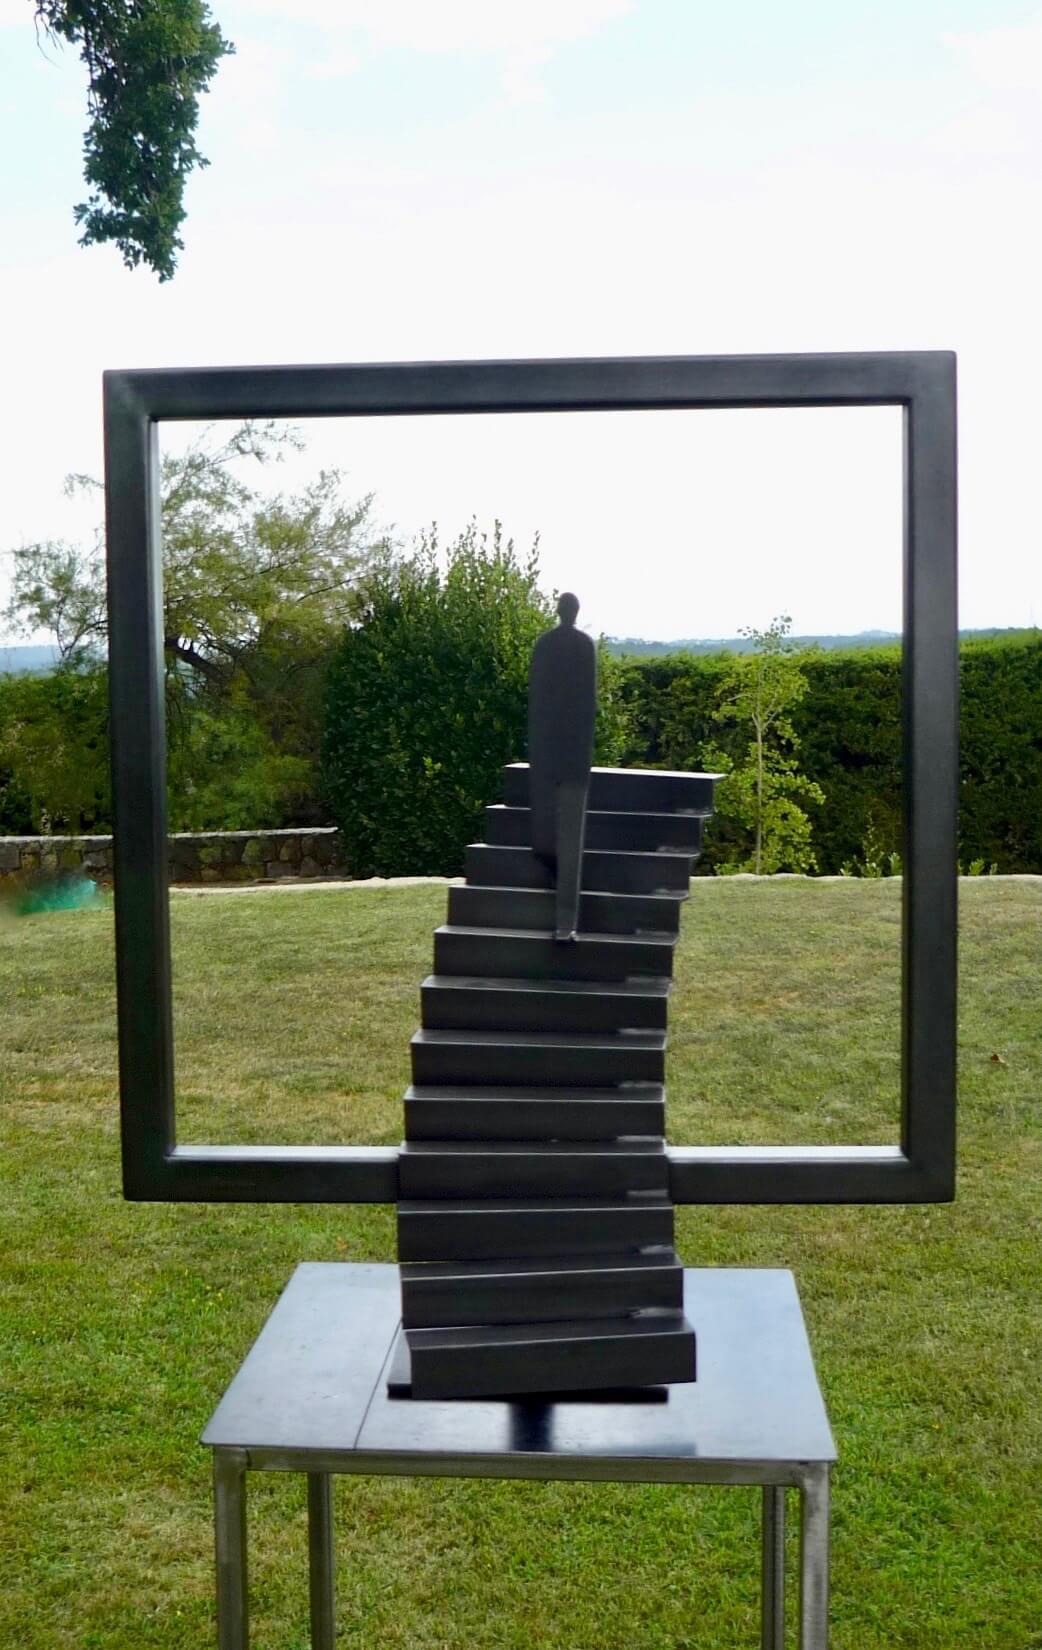 cadre métallique avec personnage et escalier